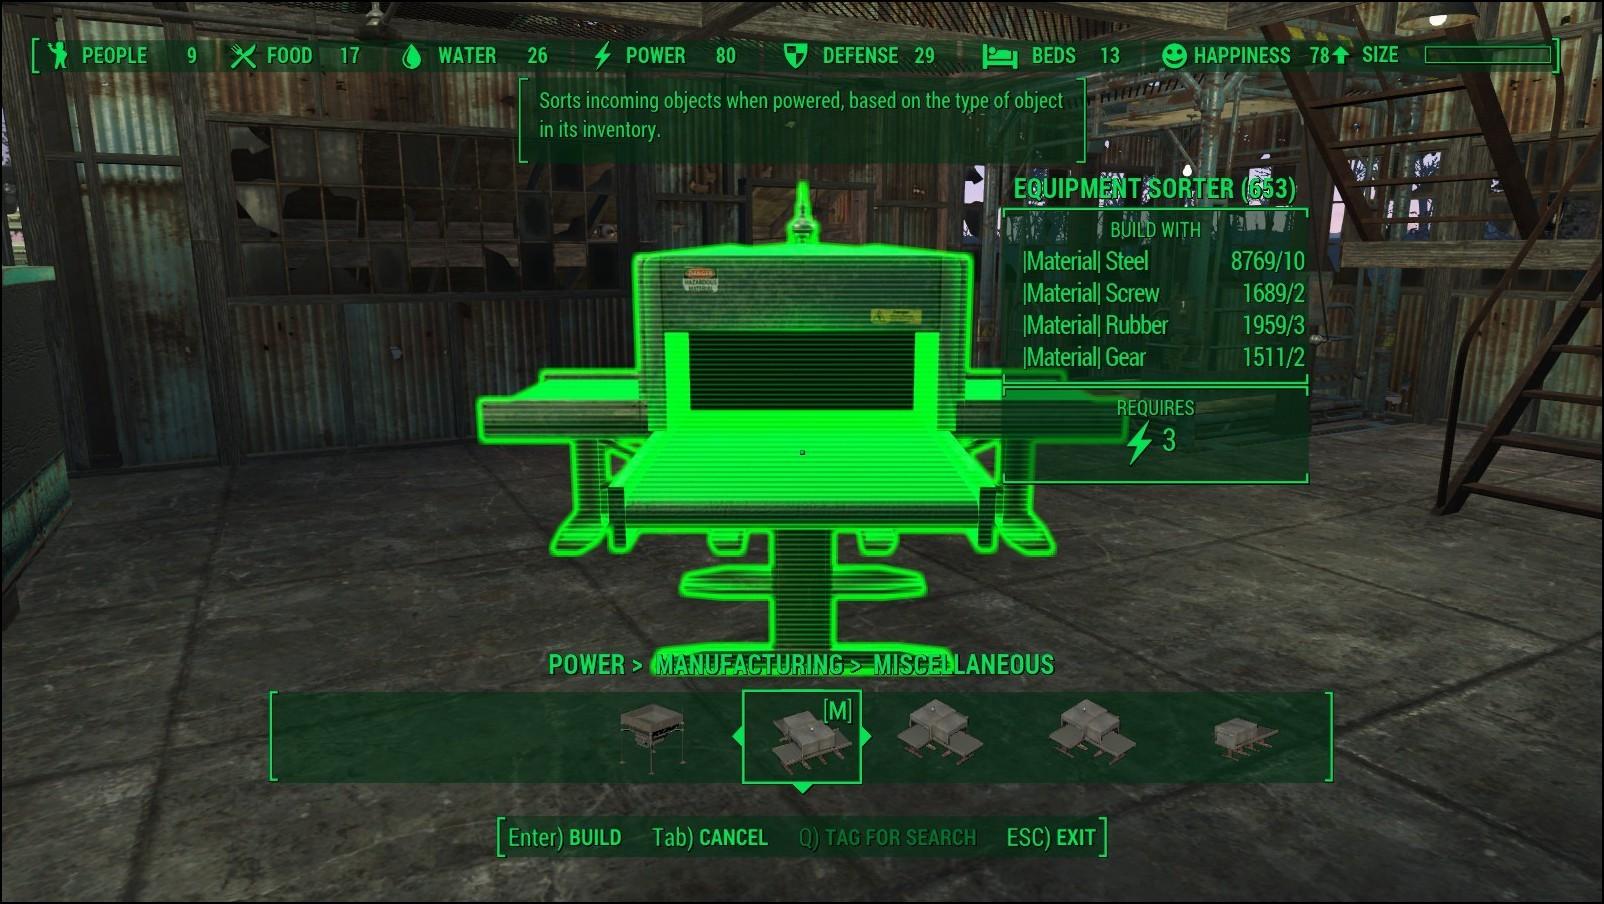 Сортировщик экипировки в Fallout 4